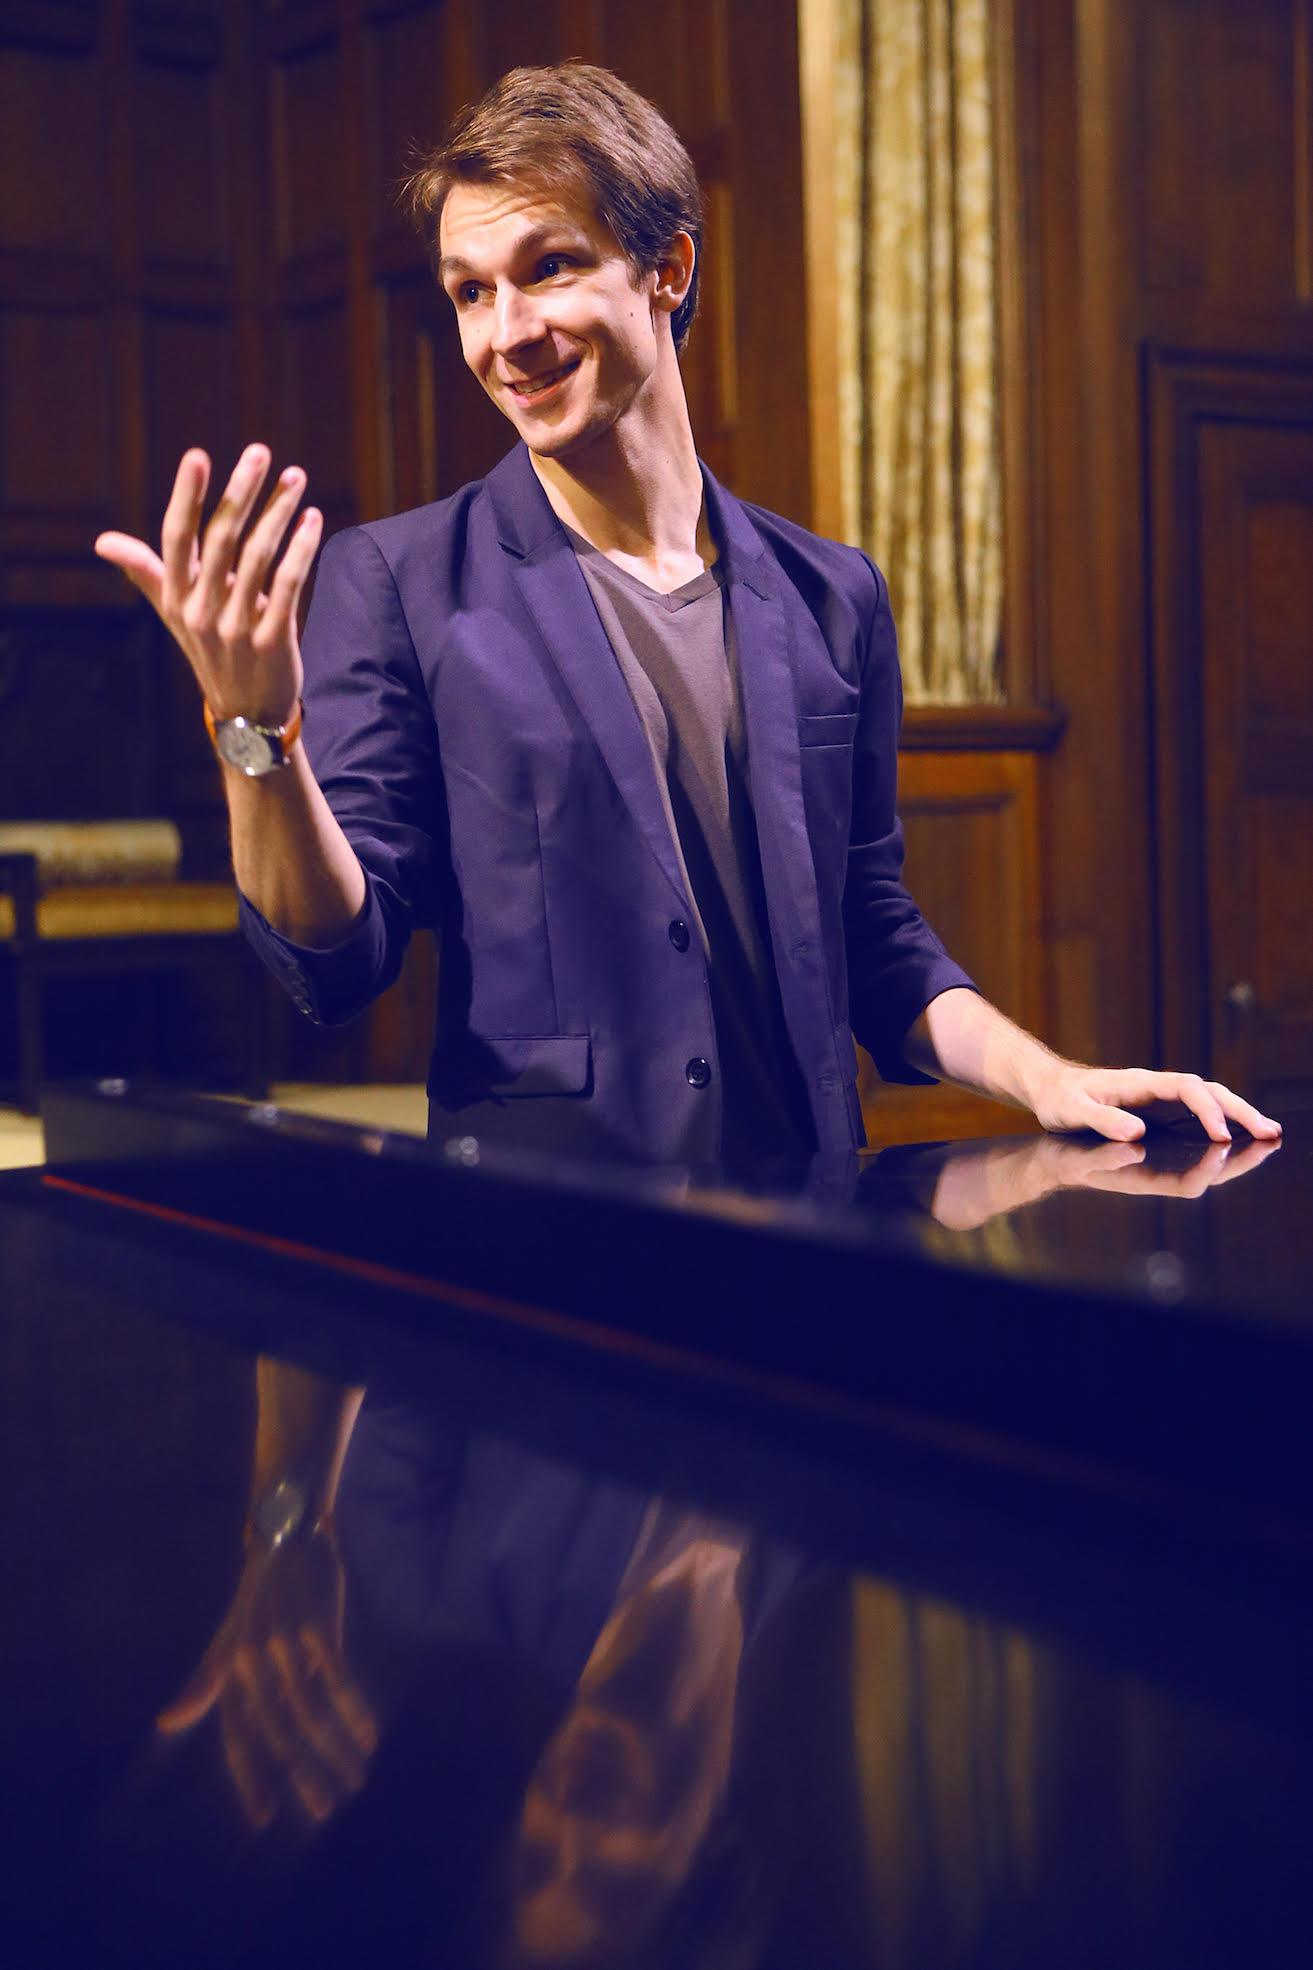 Luke Flynn Composer